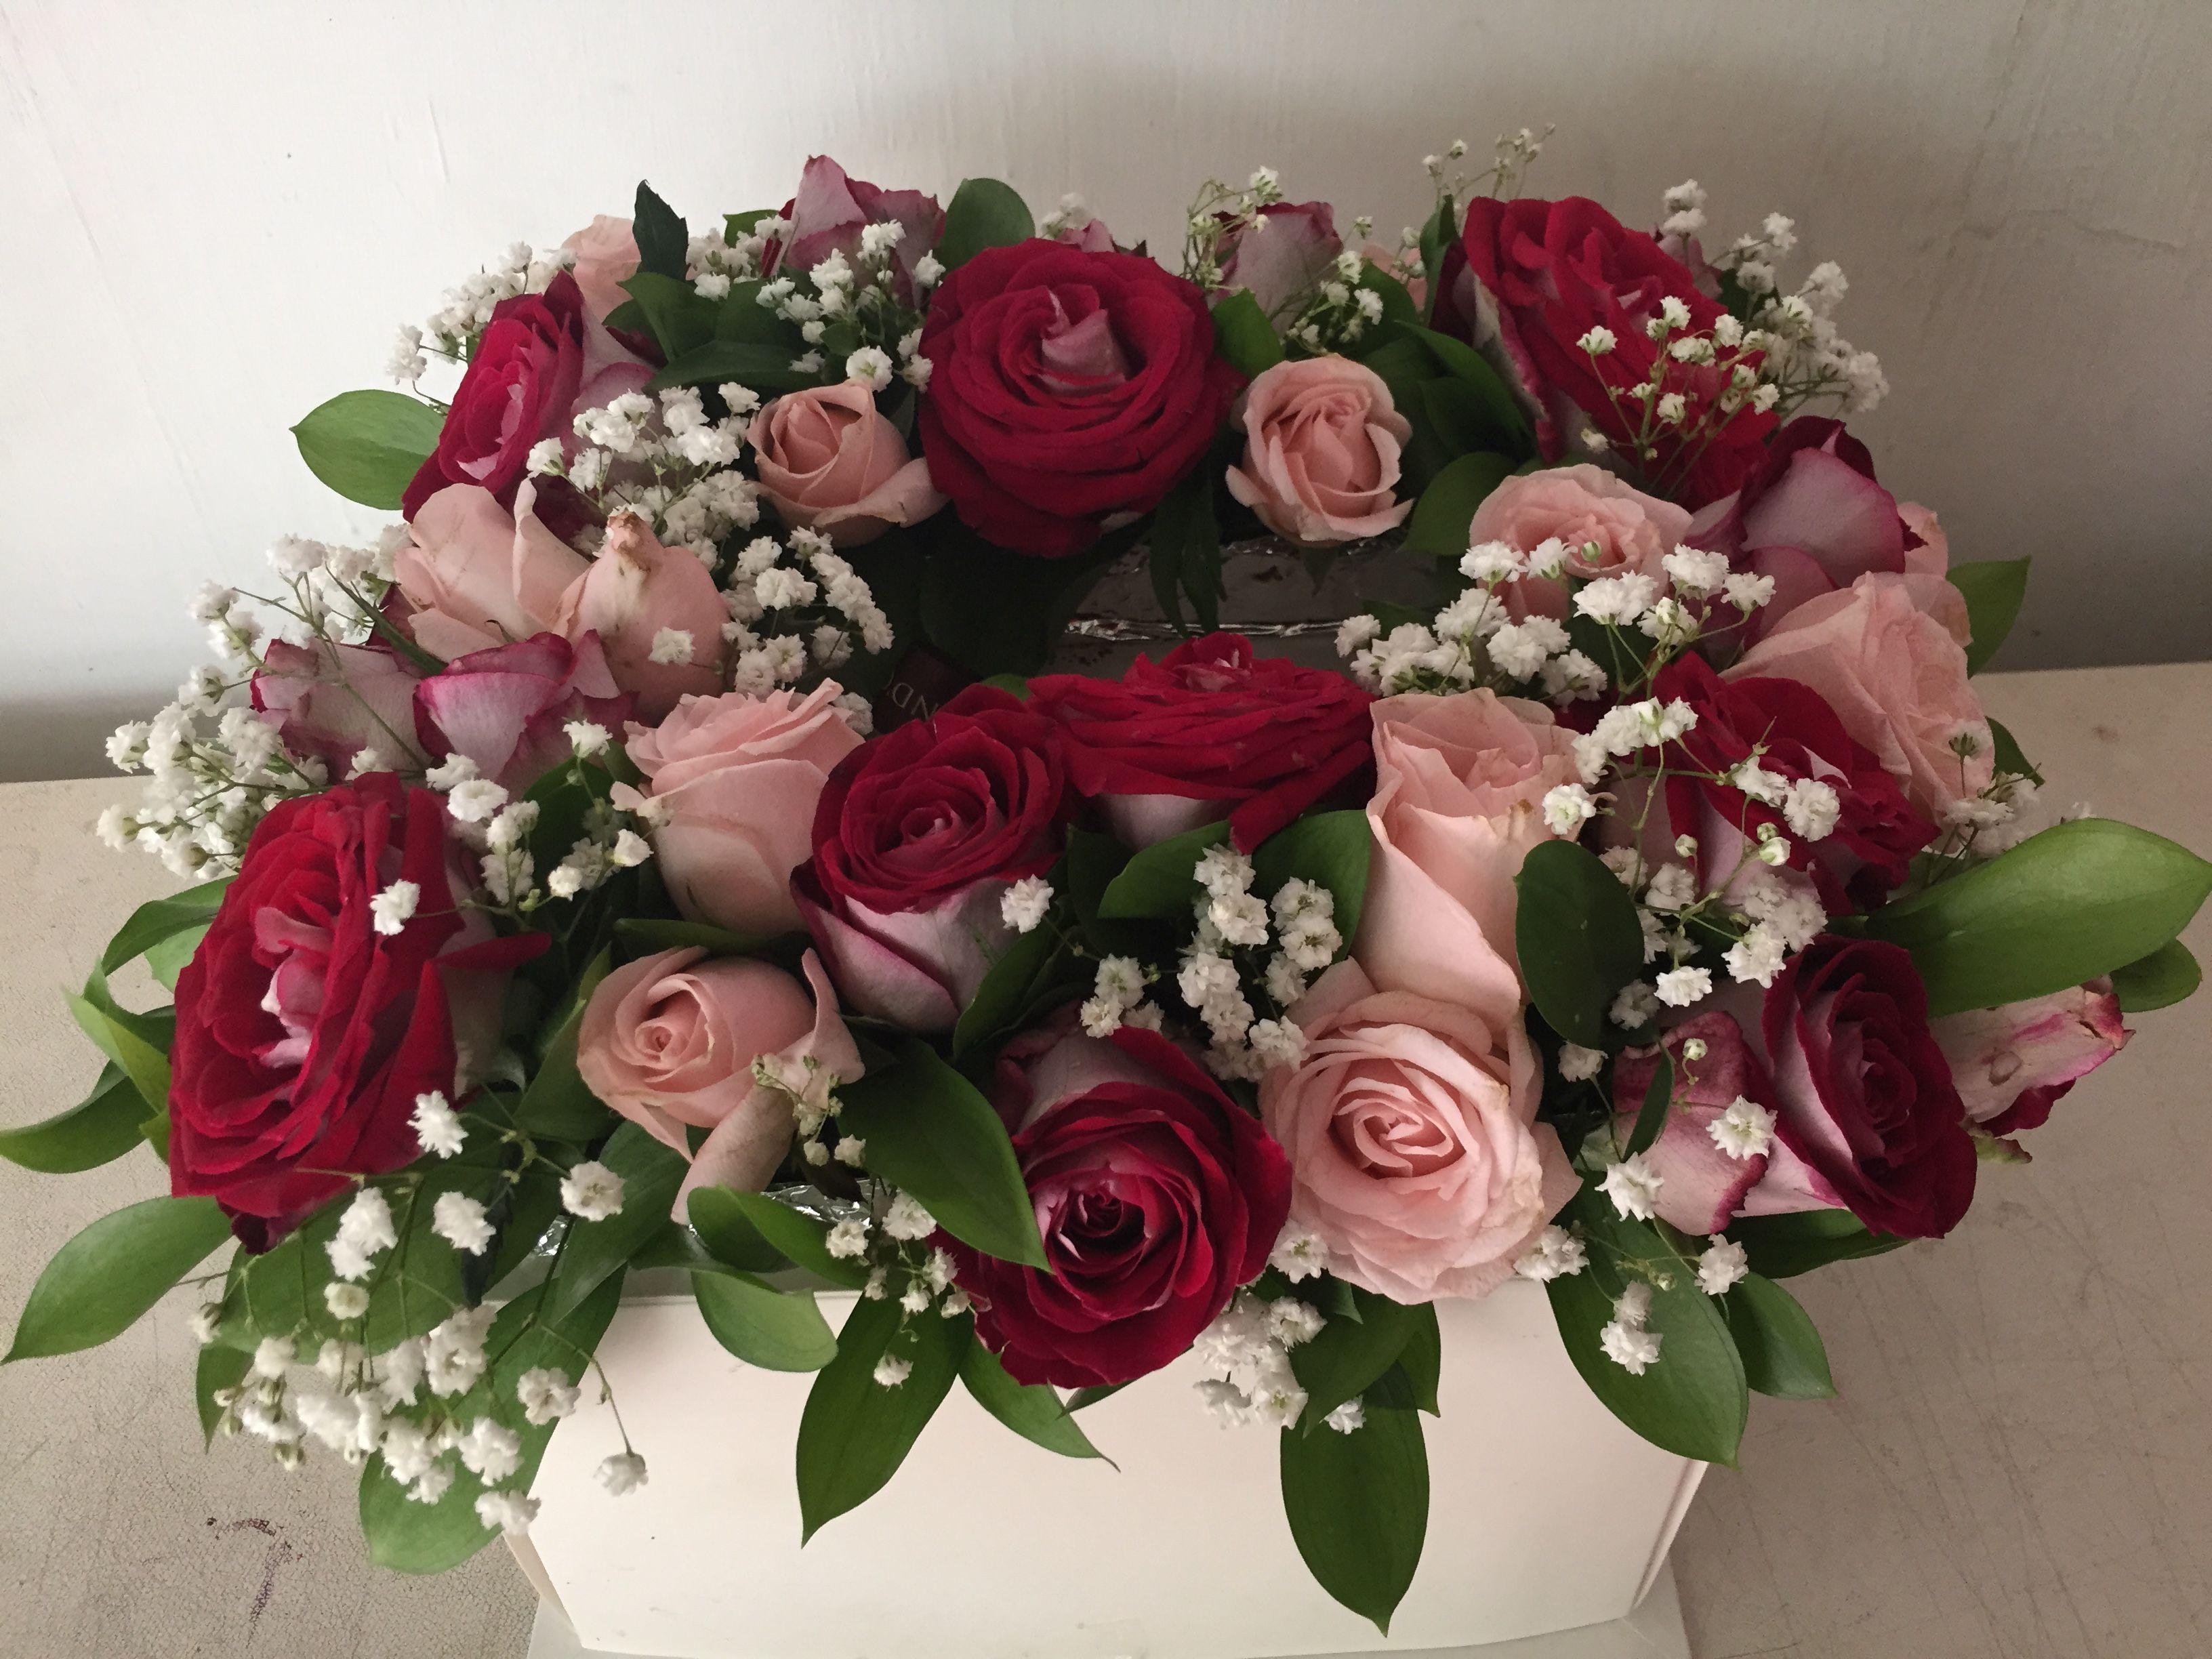 cake and lovely roses | gift & flower | pinterest | gift flowers